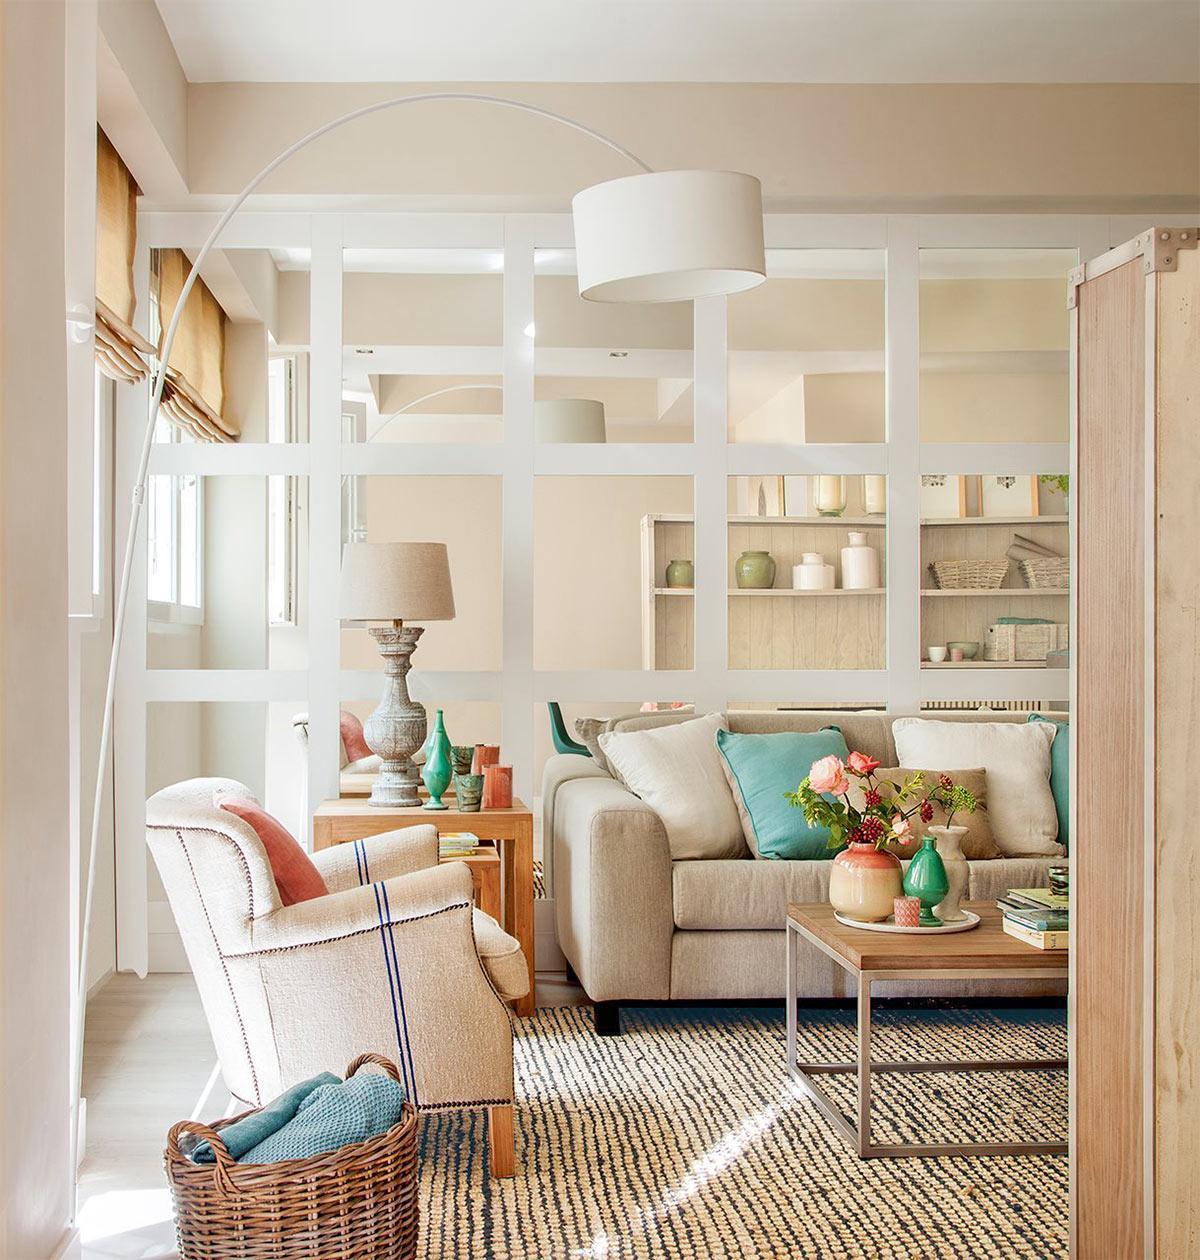 thiết kế phòng khách cho căn hộ chung cư